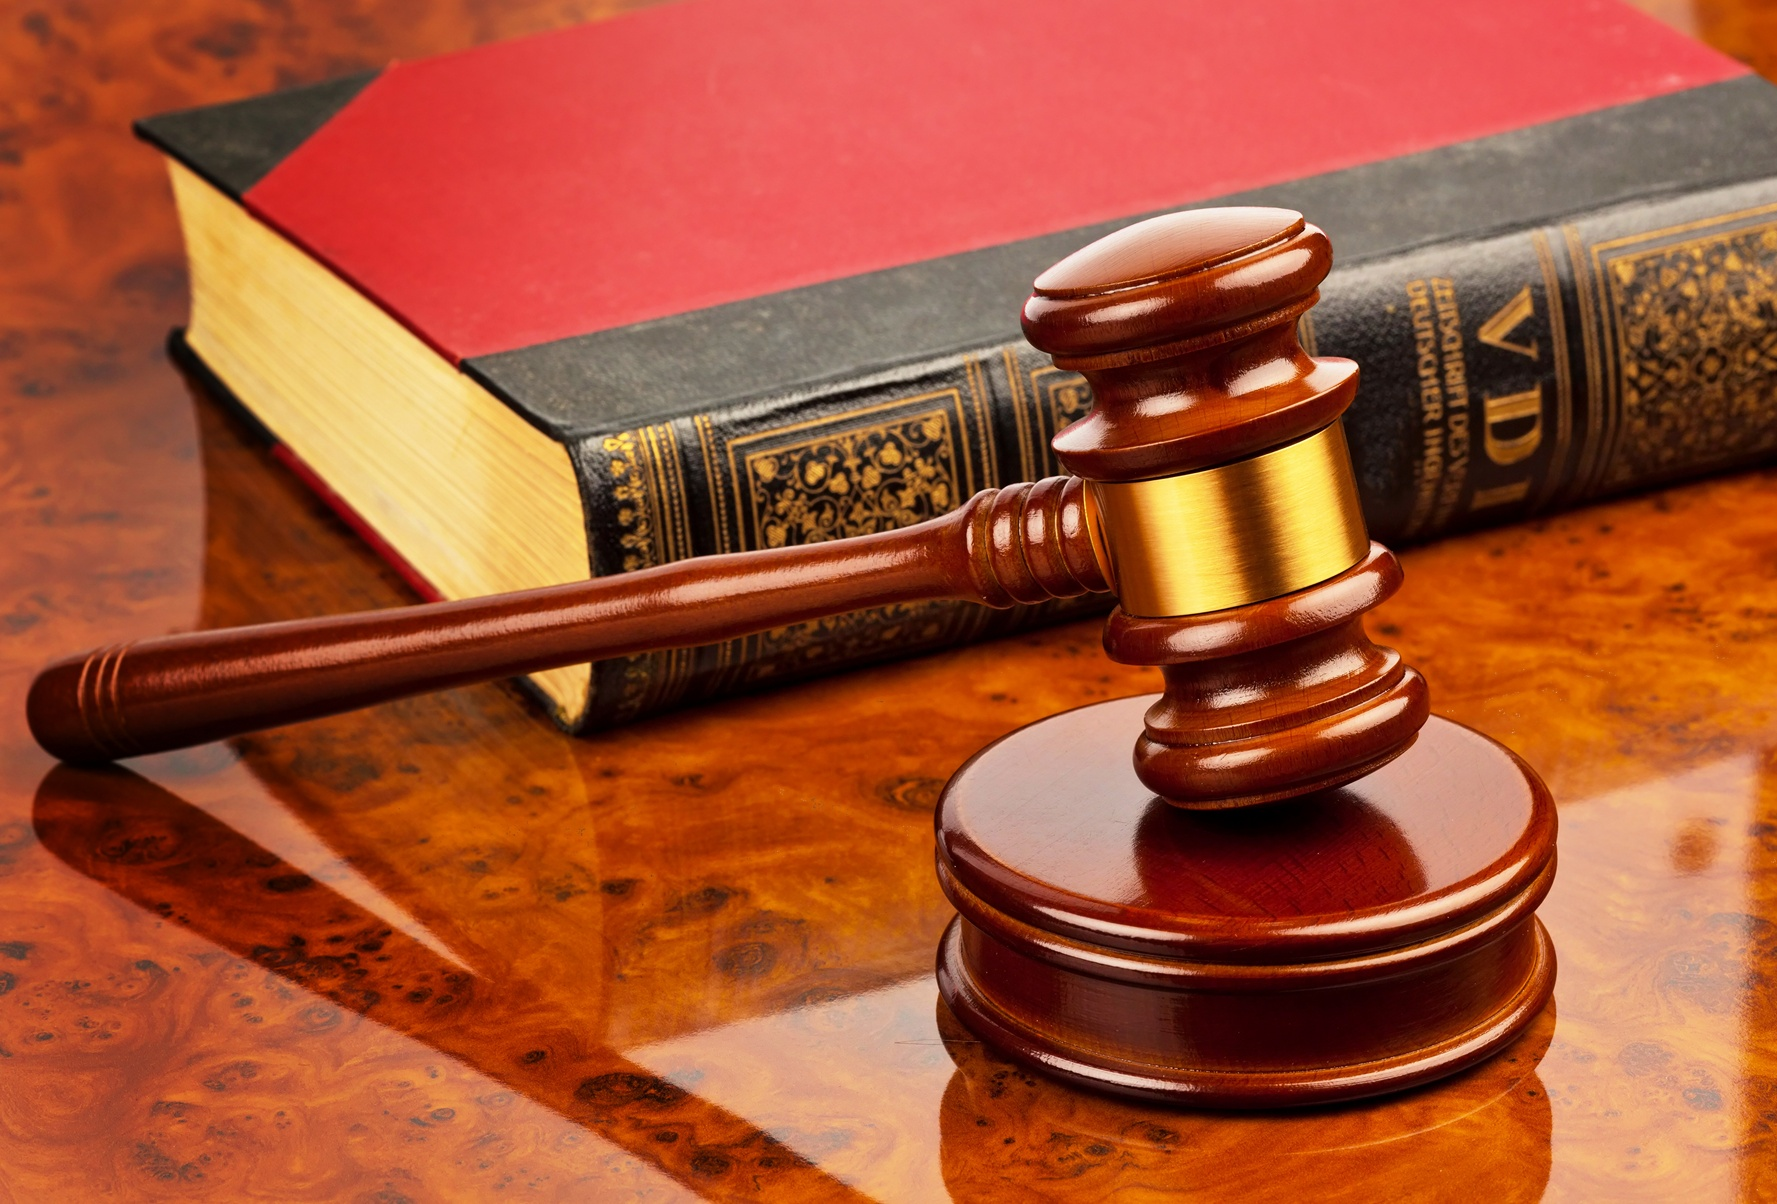 юридическая бесплатная помощь по уголовным делам в Если